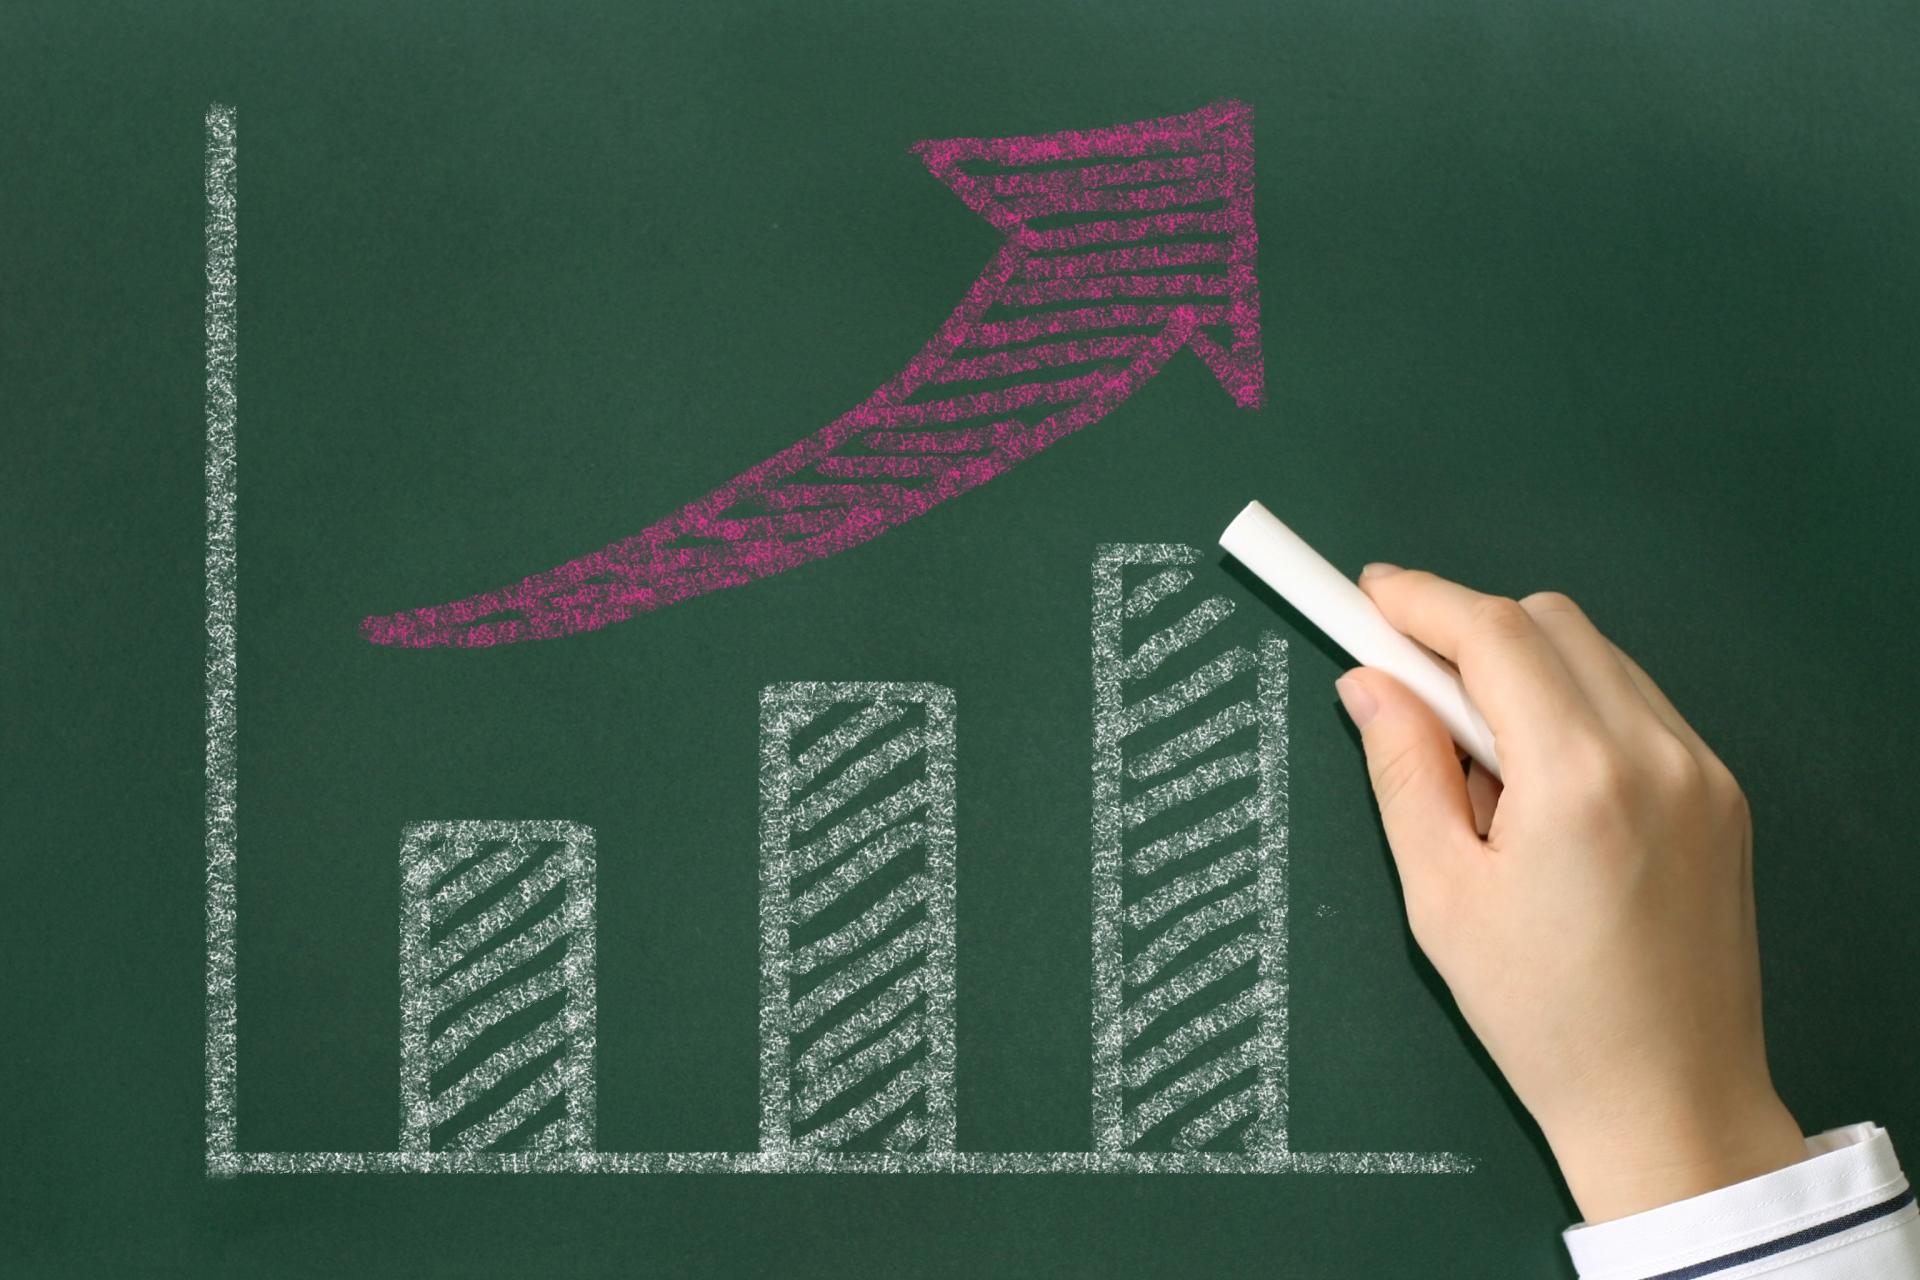 厚生年金の等級はどうやって決めているのか。等級を変更する方法とは